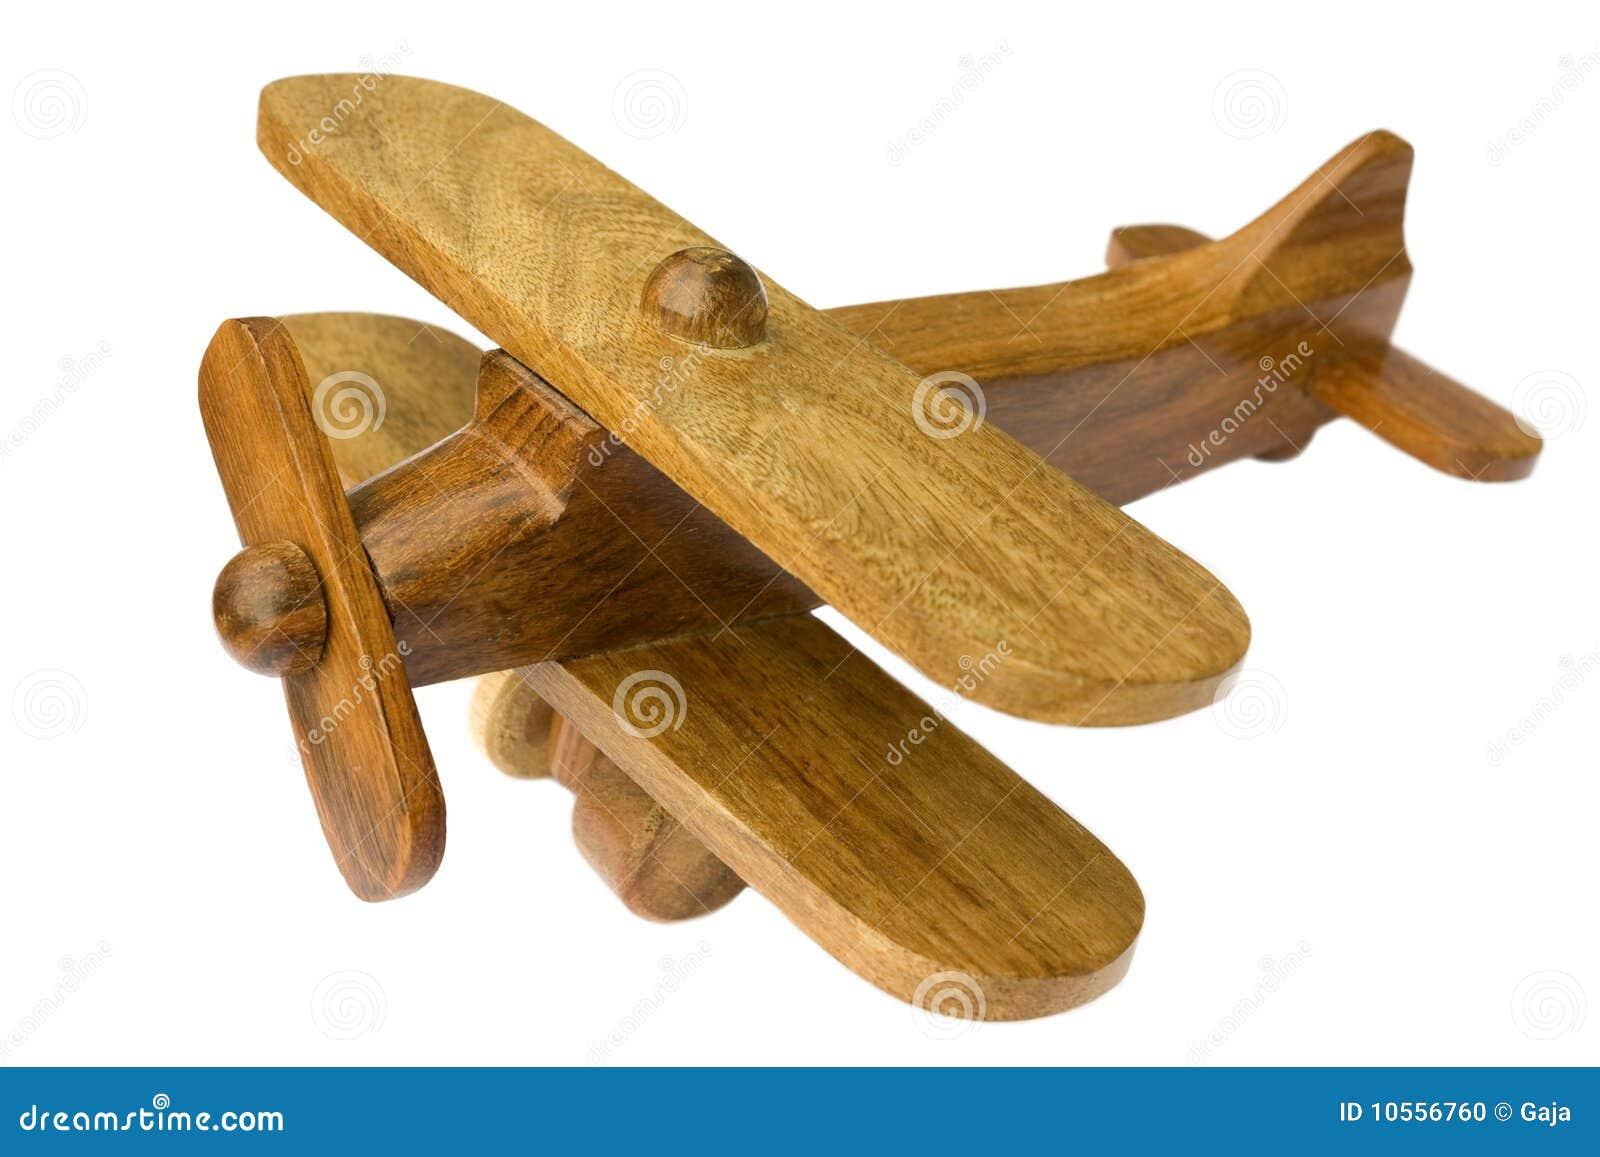 Старинные игрушки из дерева 3 фотография